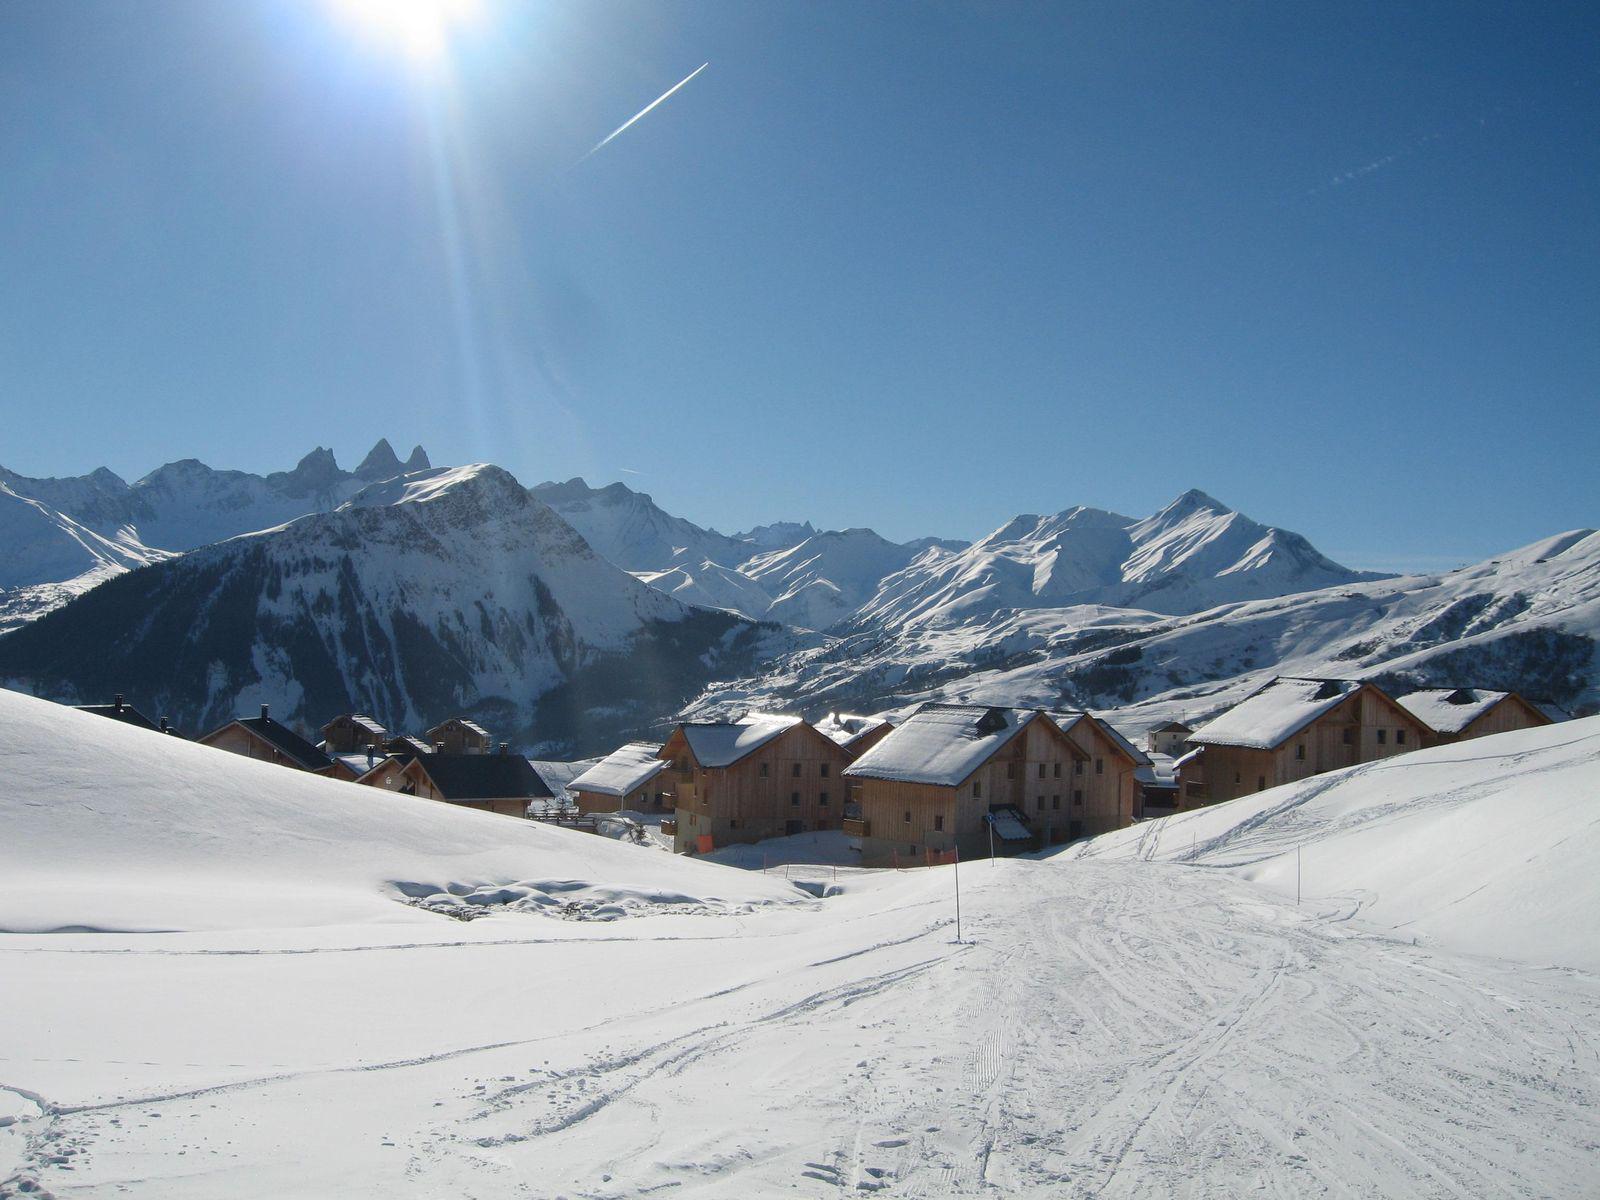 Station de ski du Toussuire_Fontcouverte-la-Toussuire (1)